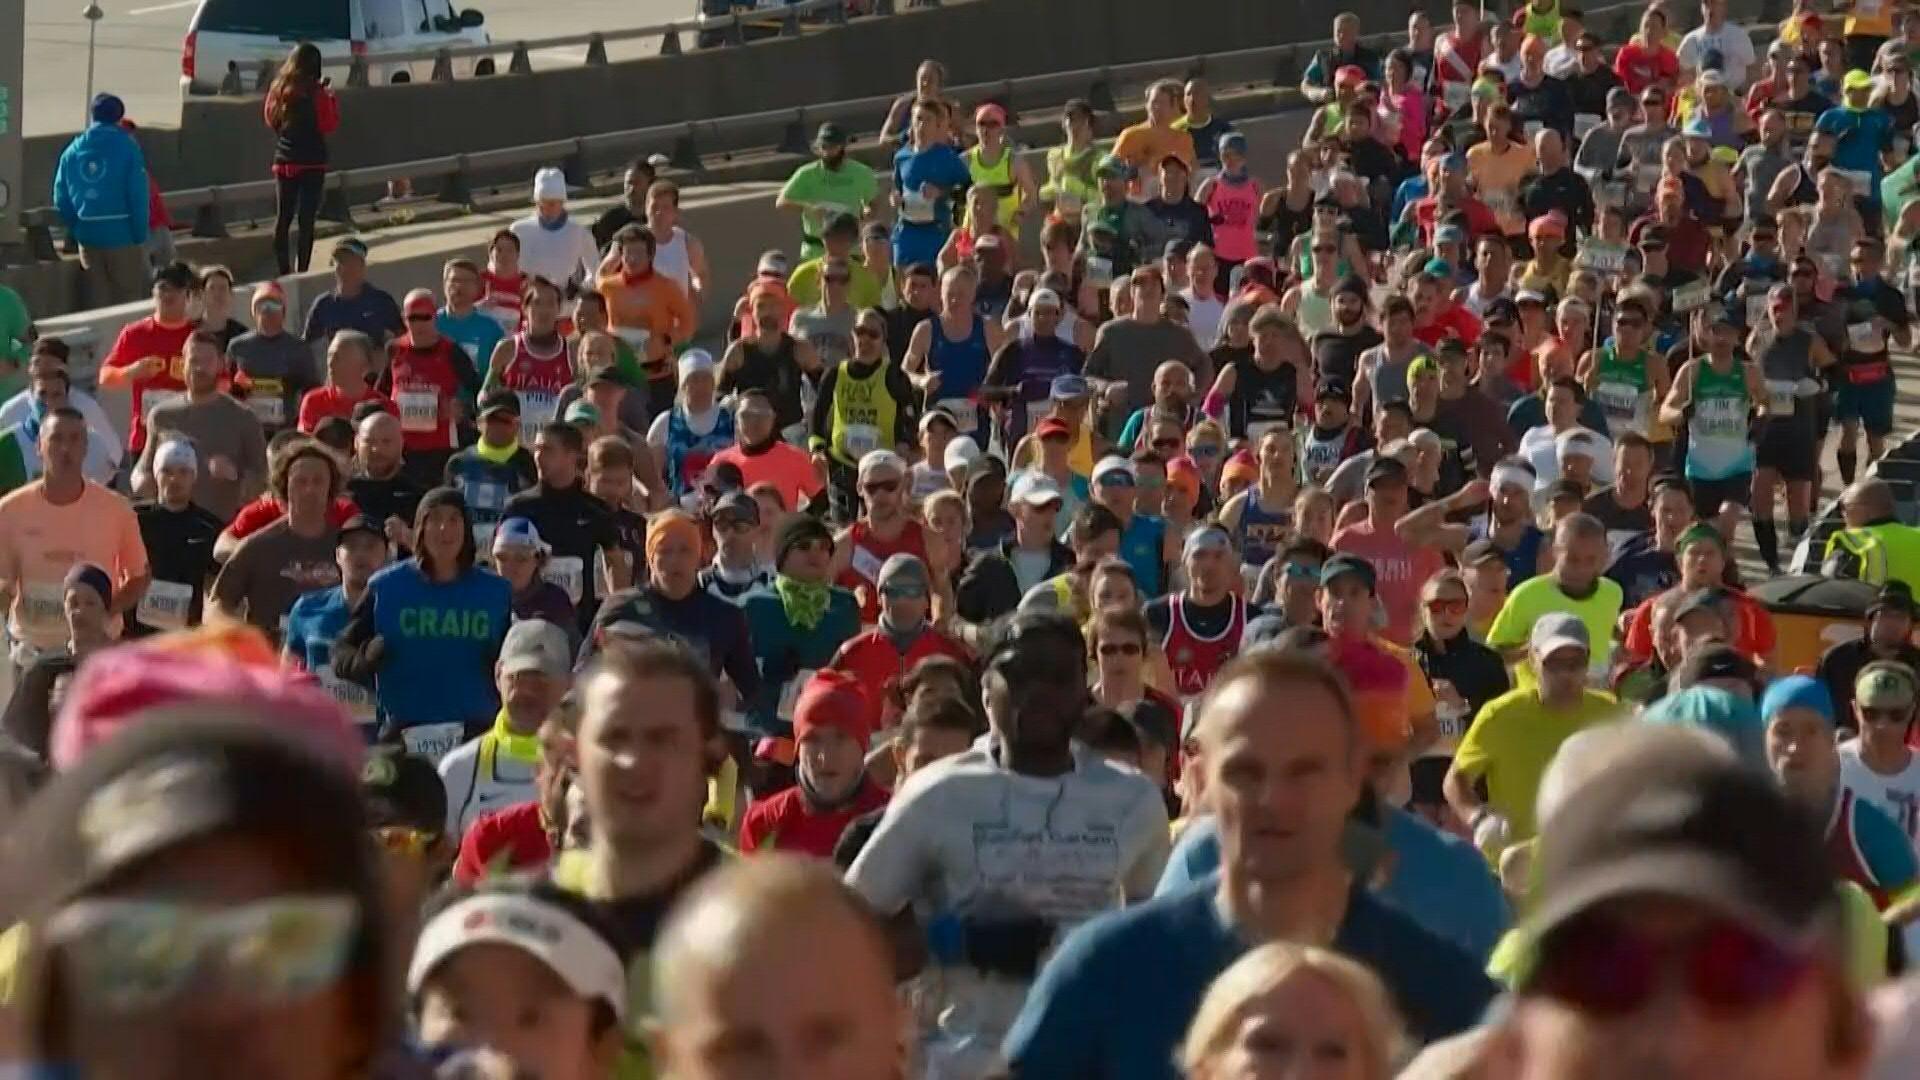 Detalles sobre la cancelación del Maratón de Nueva York